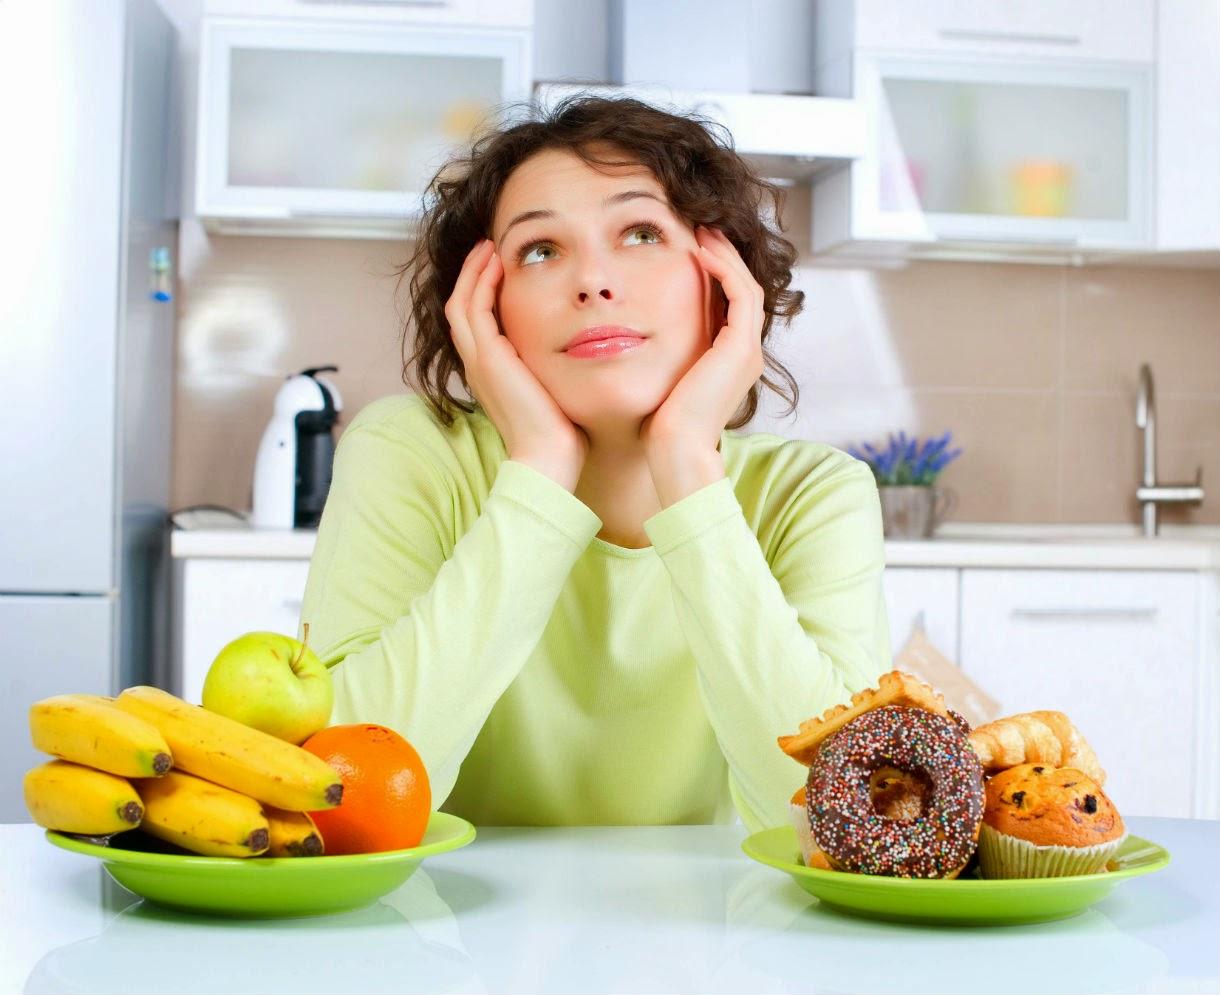 Η δίαιτα για να πετύχει θέλει σωστή ψυχολογία – Μικρά μυστικά για να χάσετε κιλά τώρα!